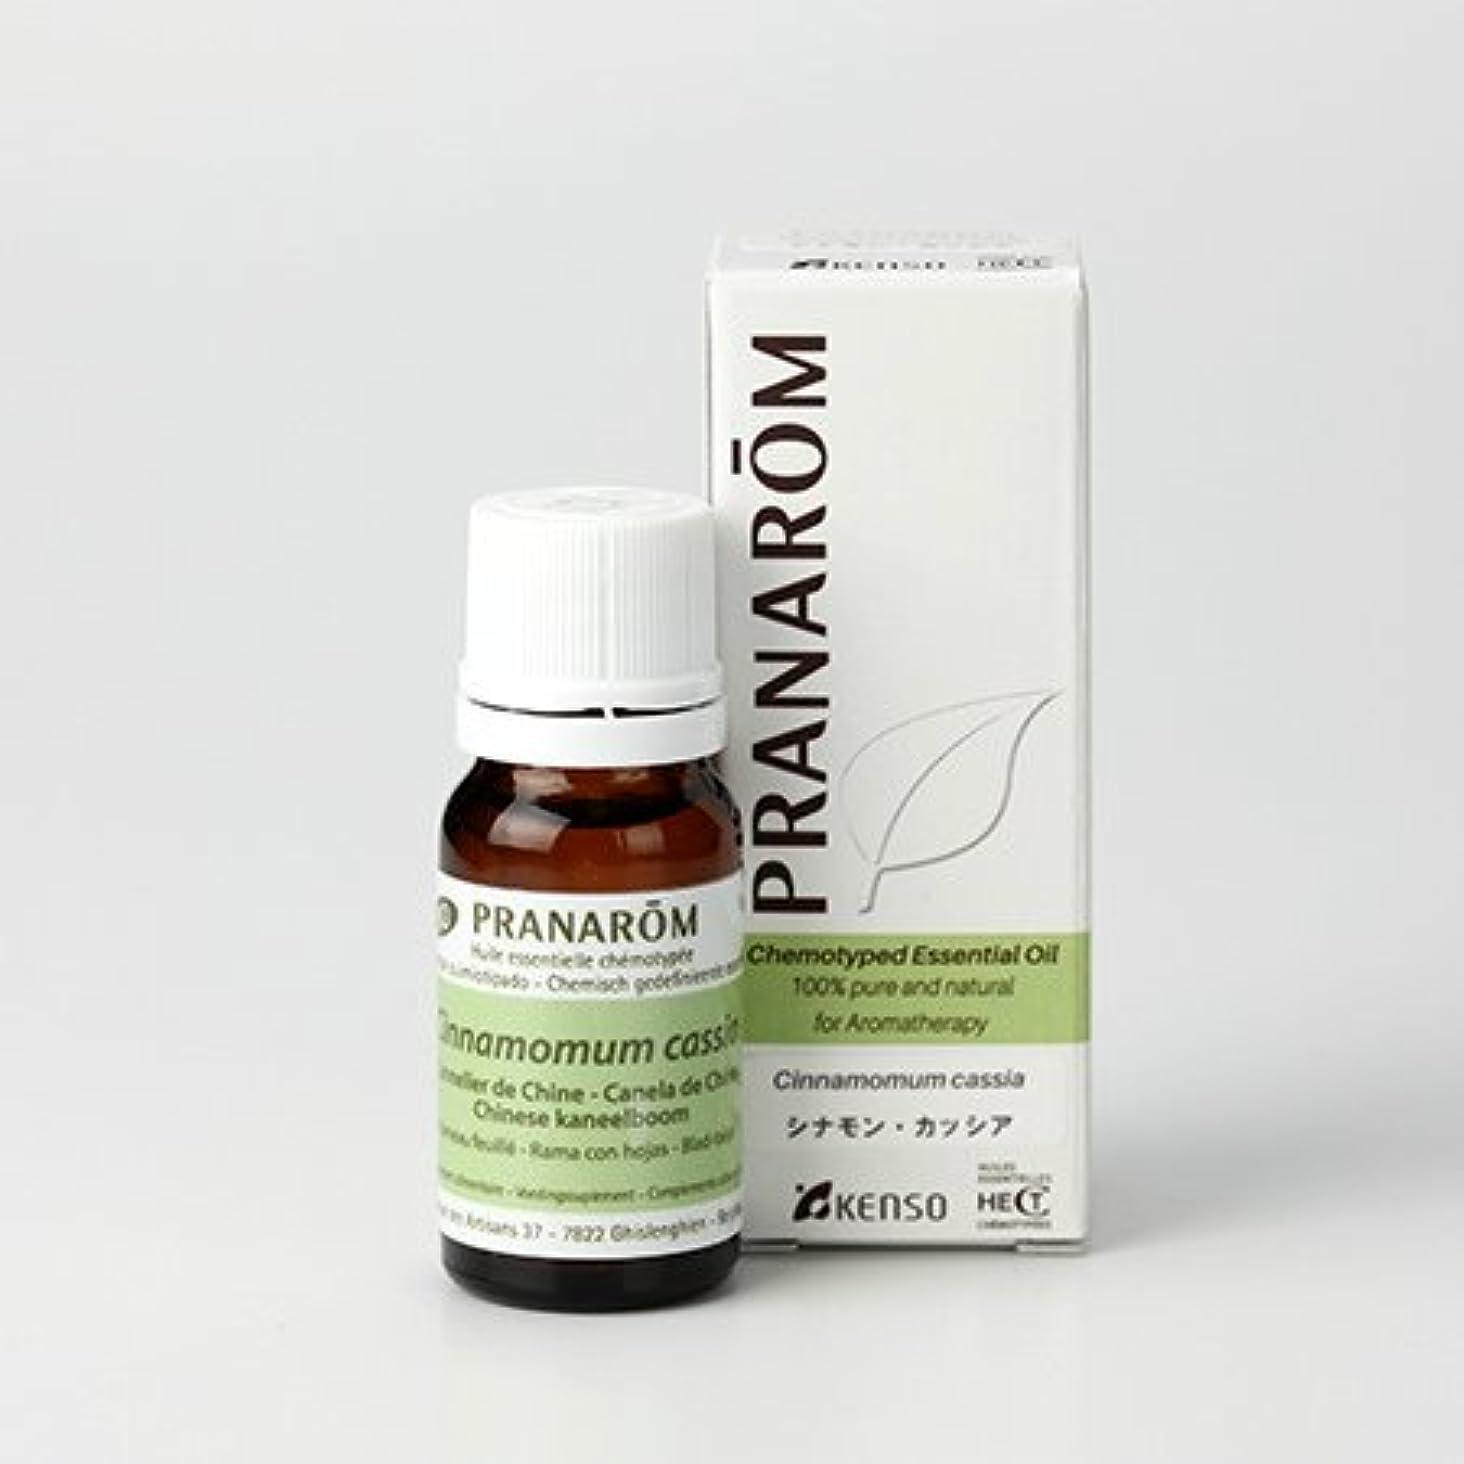 突破口特別な救いプラナロム シナモンカッシア 10ml (PRANAROM ケモタイプ精油)